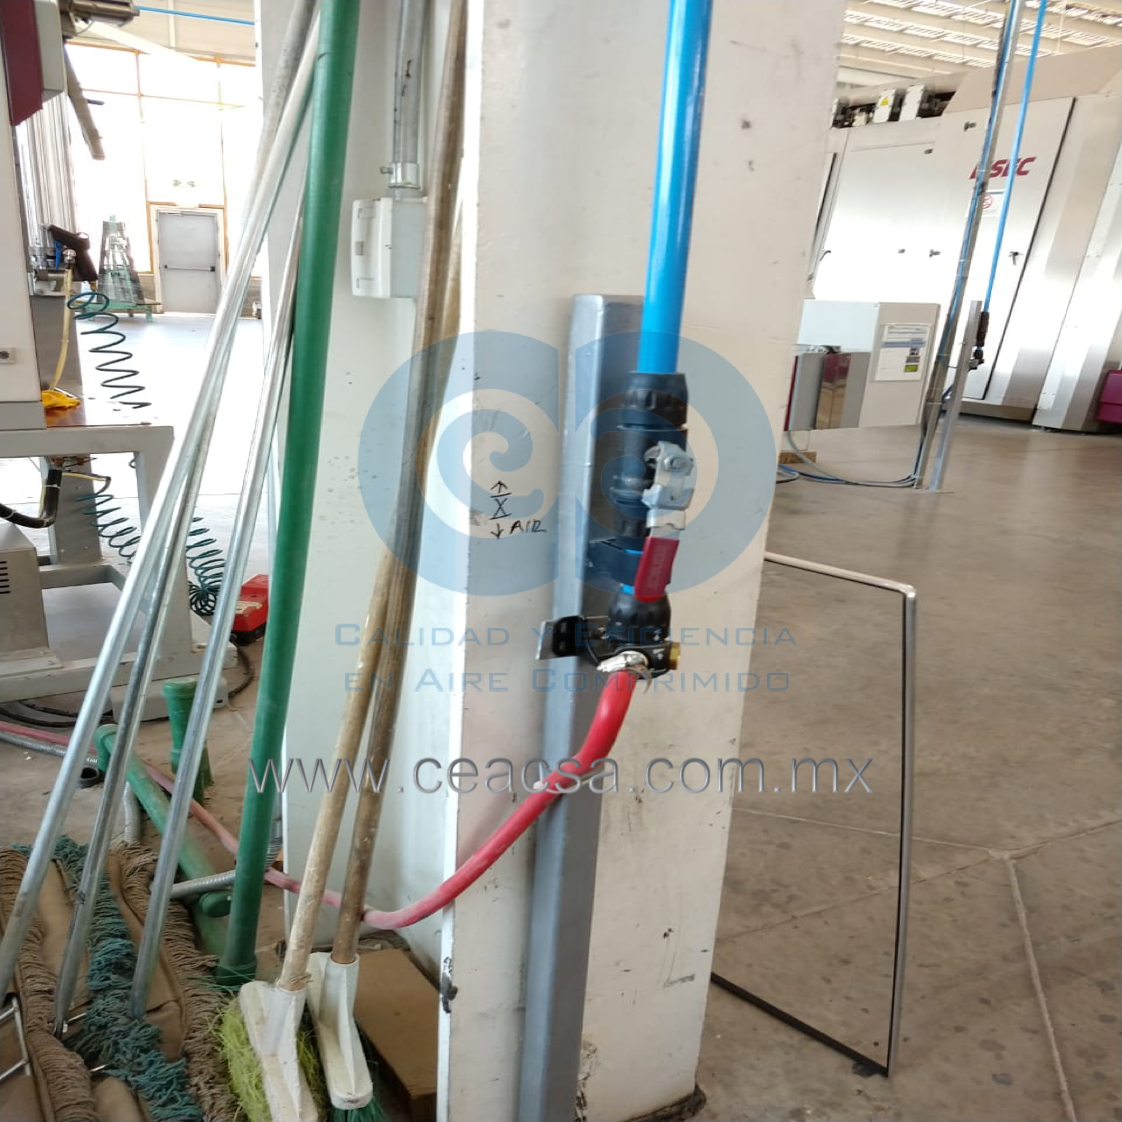 tubería de aluminio parker transair